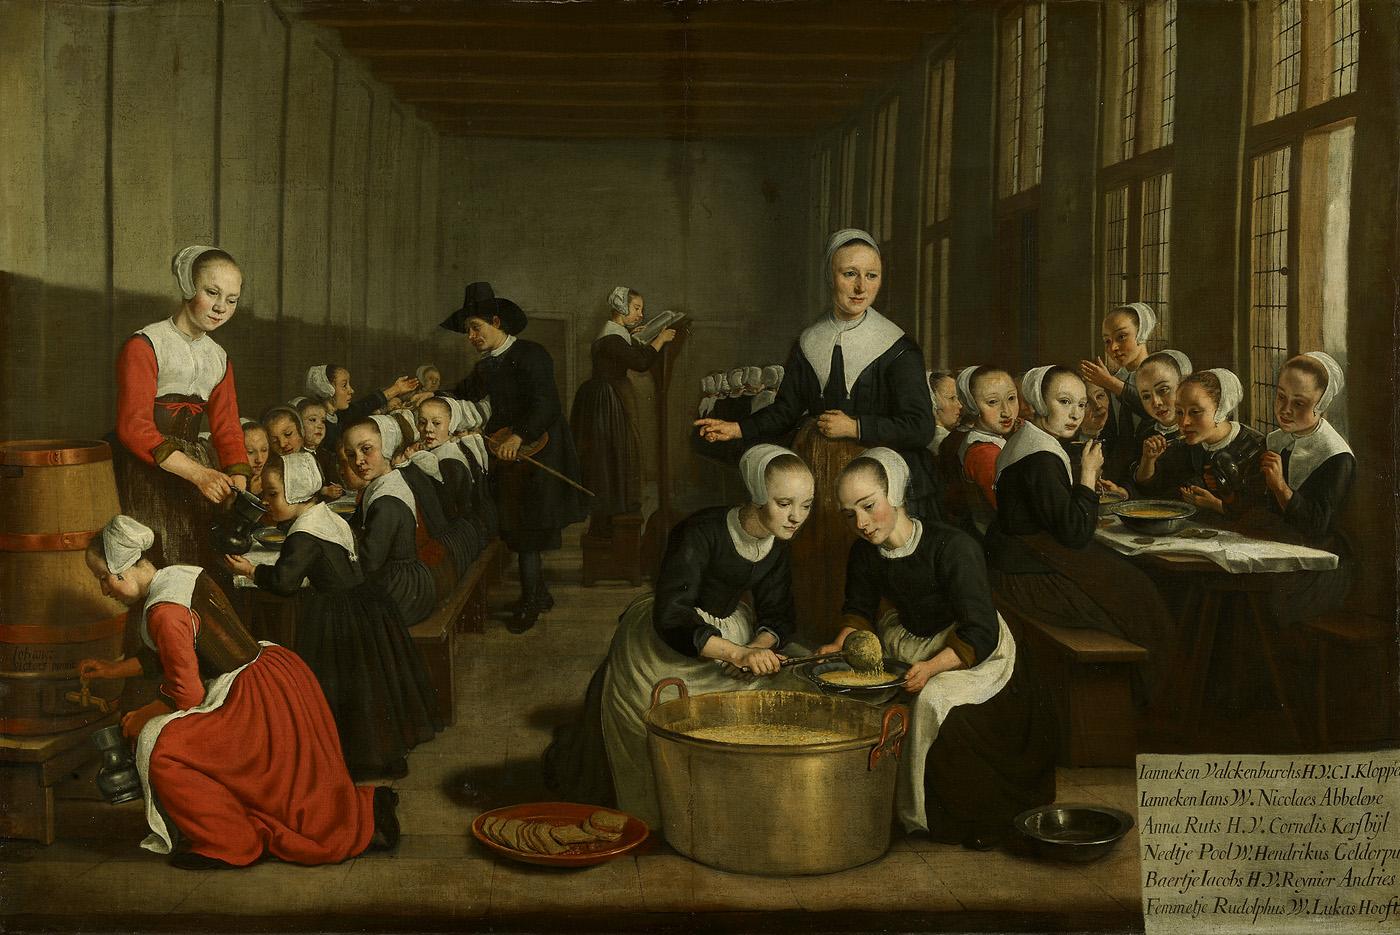 Jan Victors 1659-60 Het voeden der wezen in het Diaconieweeshuis-Maaltijd van weesmeisjes uit het Diaconieweeshuis Amsterdam Museum